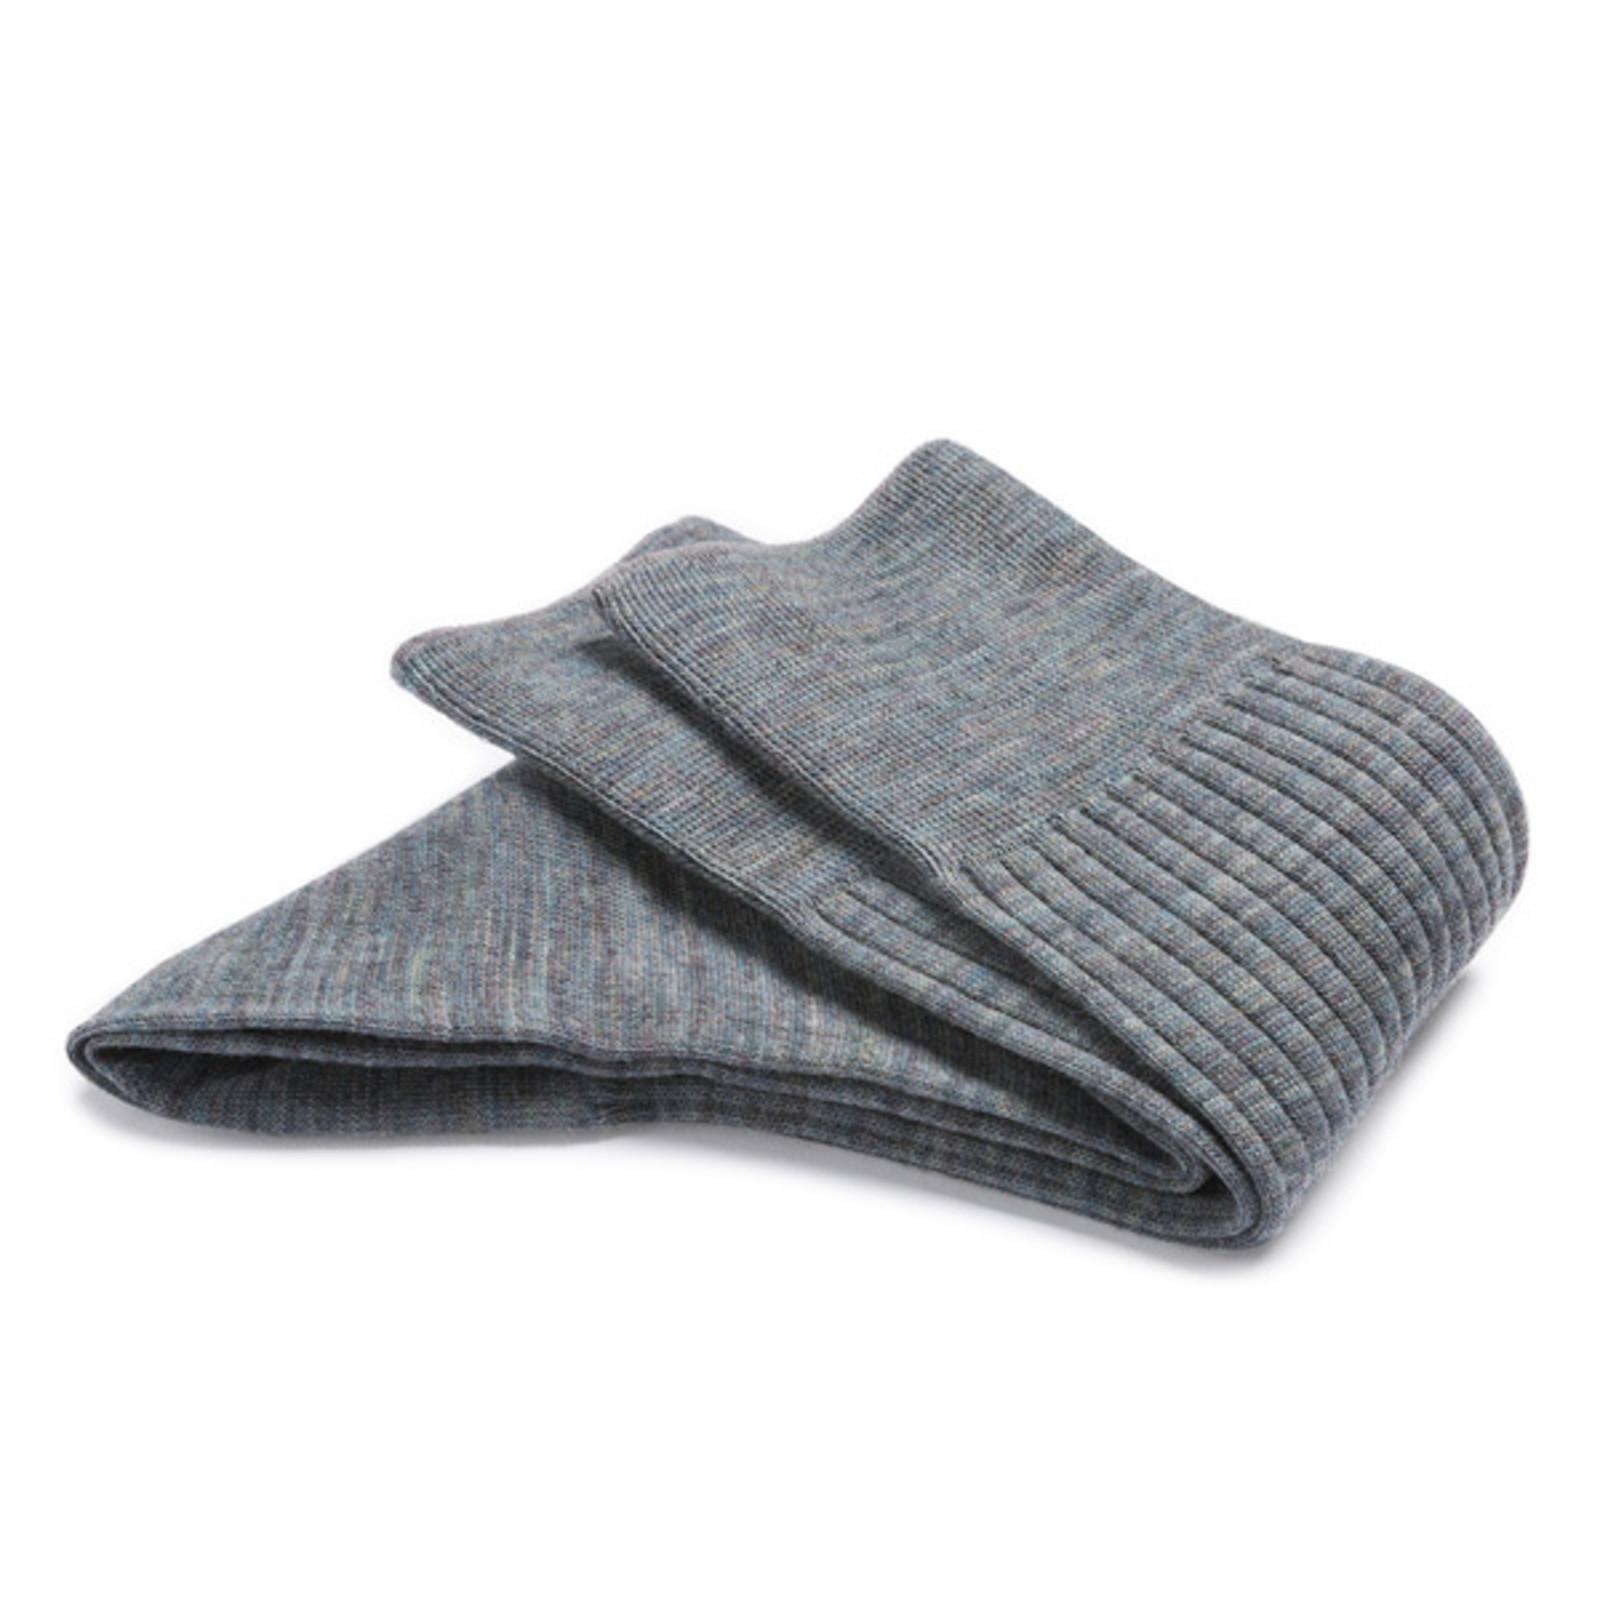 Carlo Lanza Groen grijs gemêleerd wollen sokken | Carlo Lanza